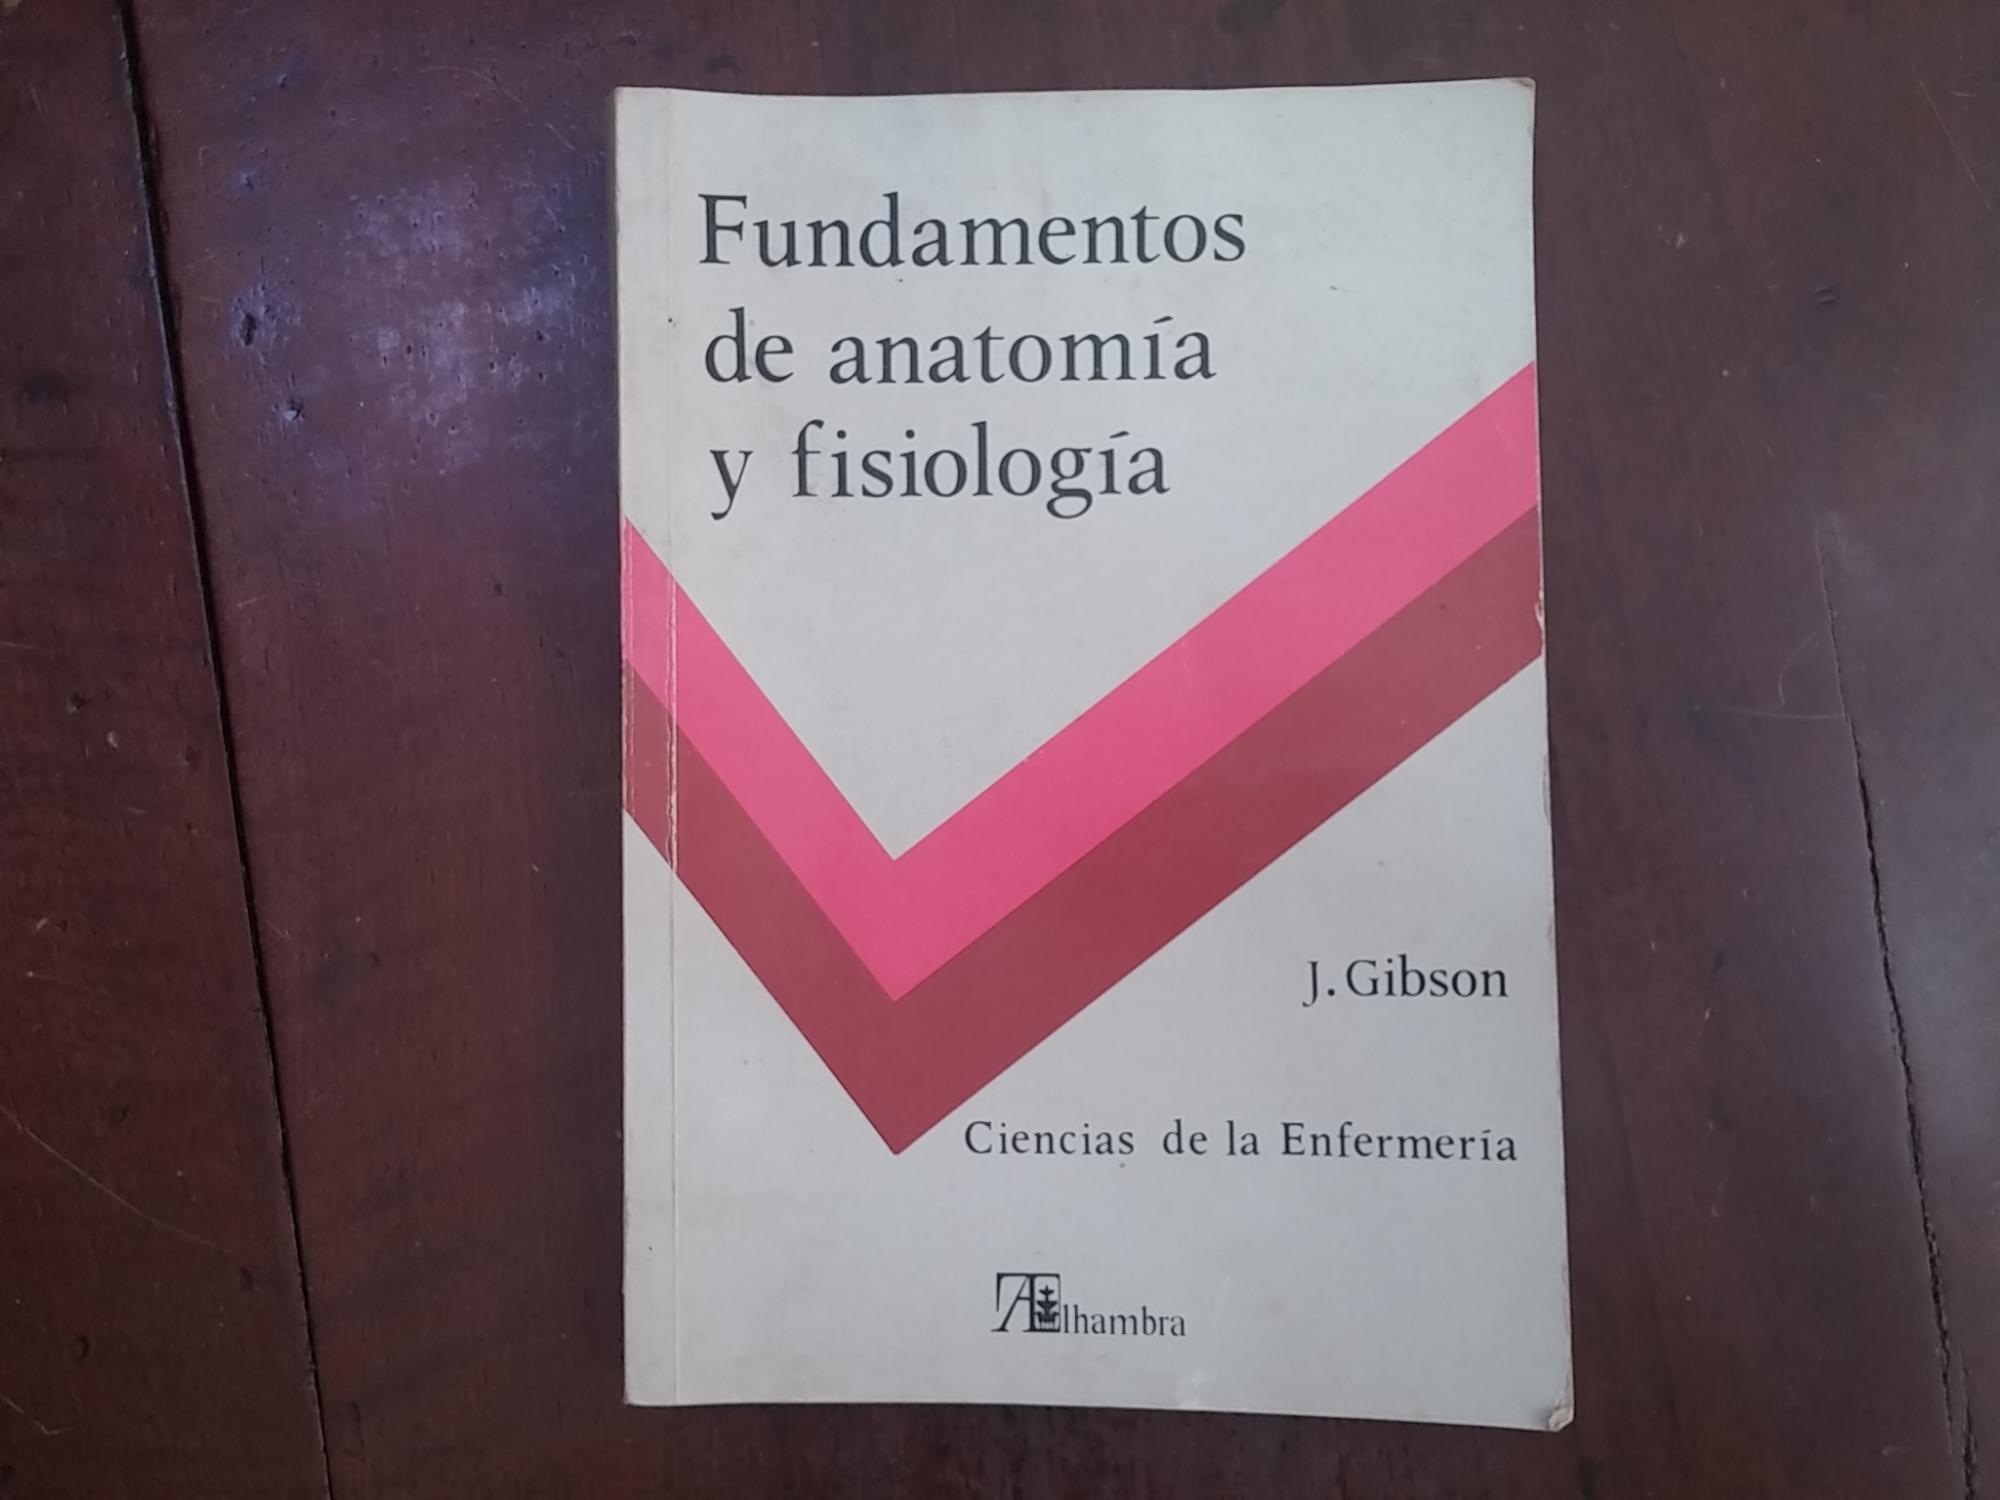 Fundamentos Anatomia Fisiologia - AbeBooks